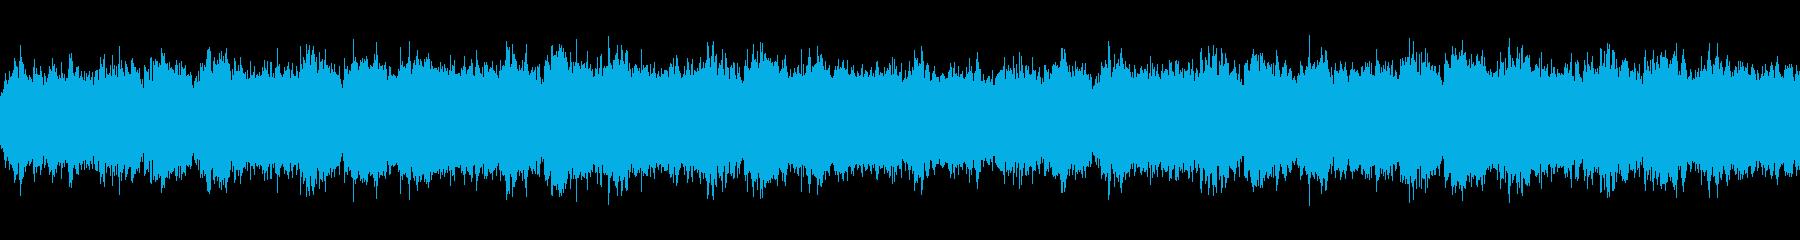 現代の交響曲 神経質 文字列グルー...の再生済みの波形